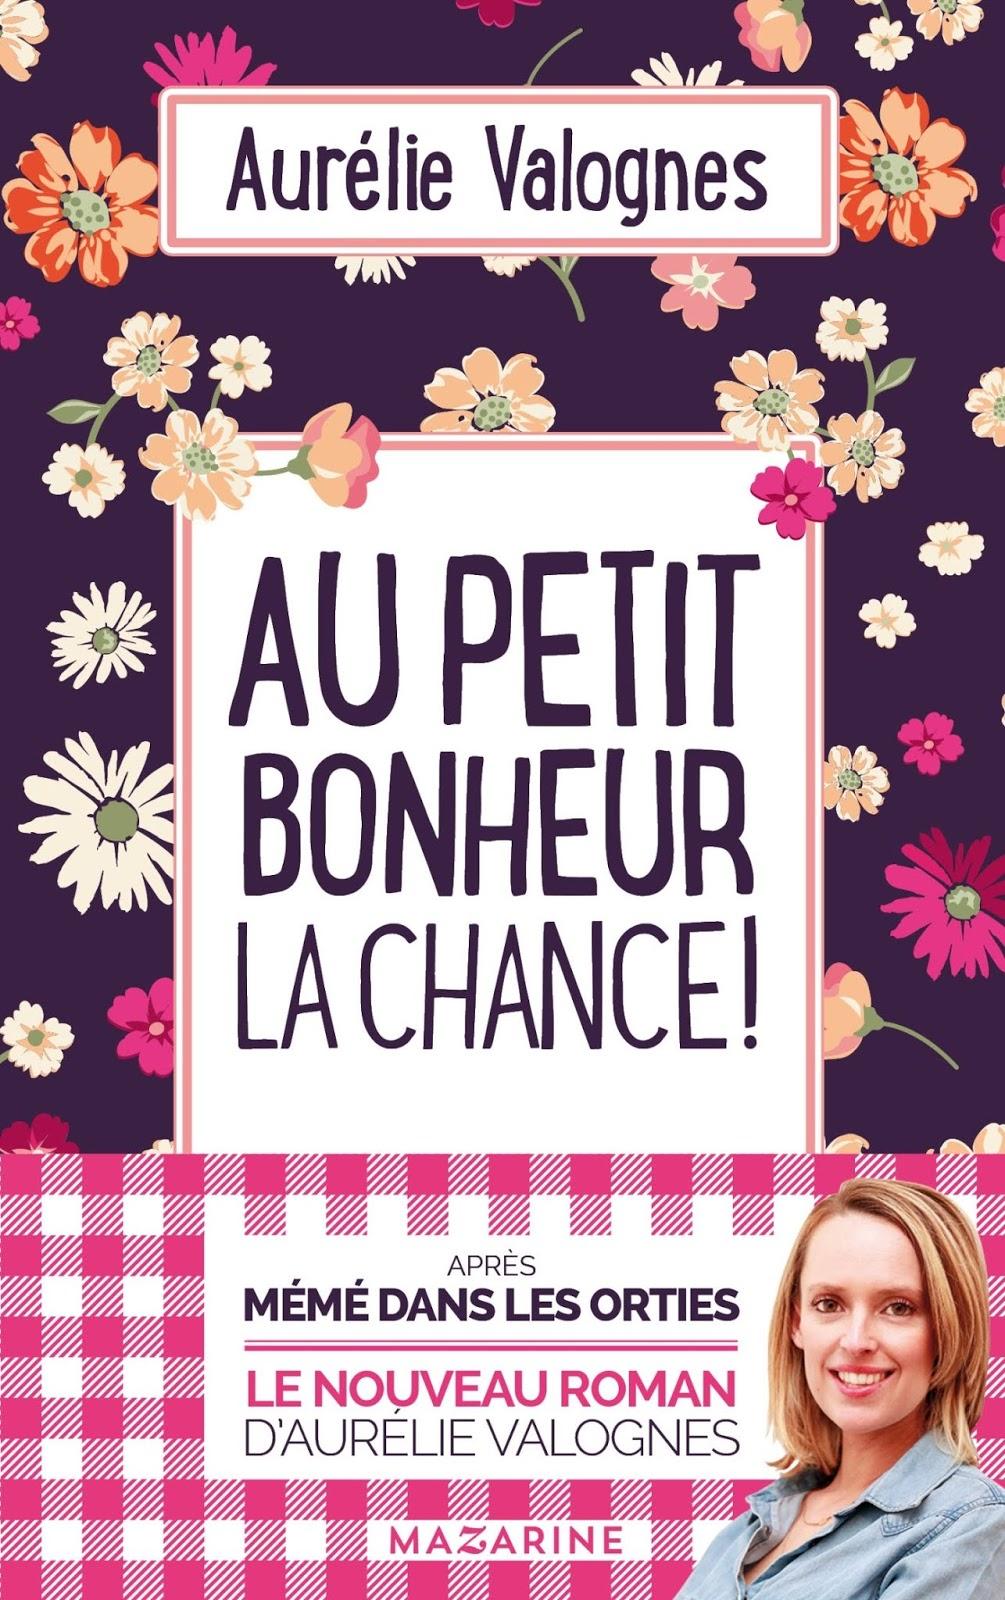 Au petit bonheur la chance! Aurélie Vagnoles